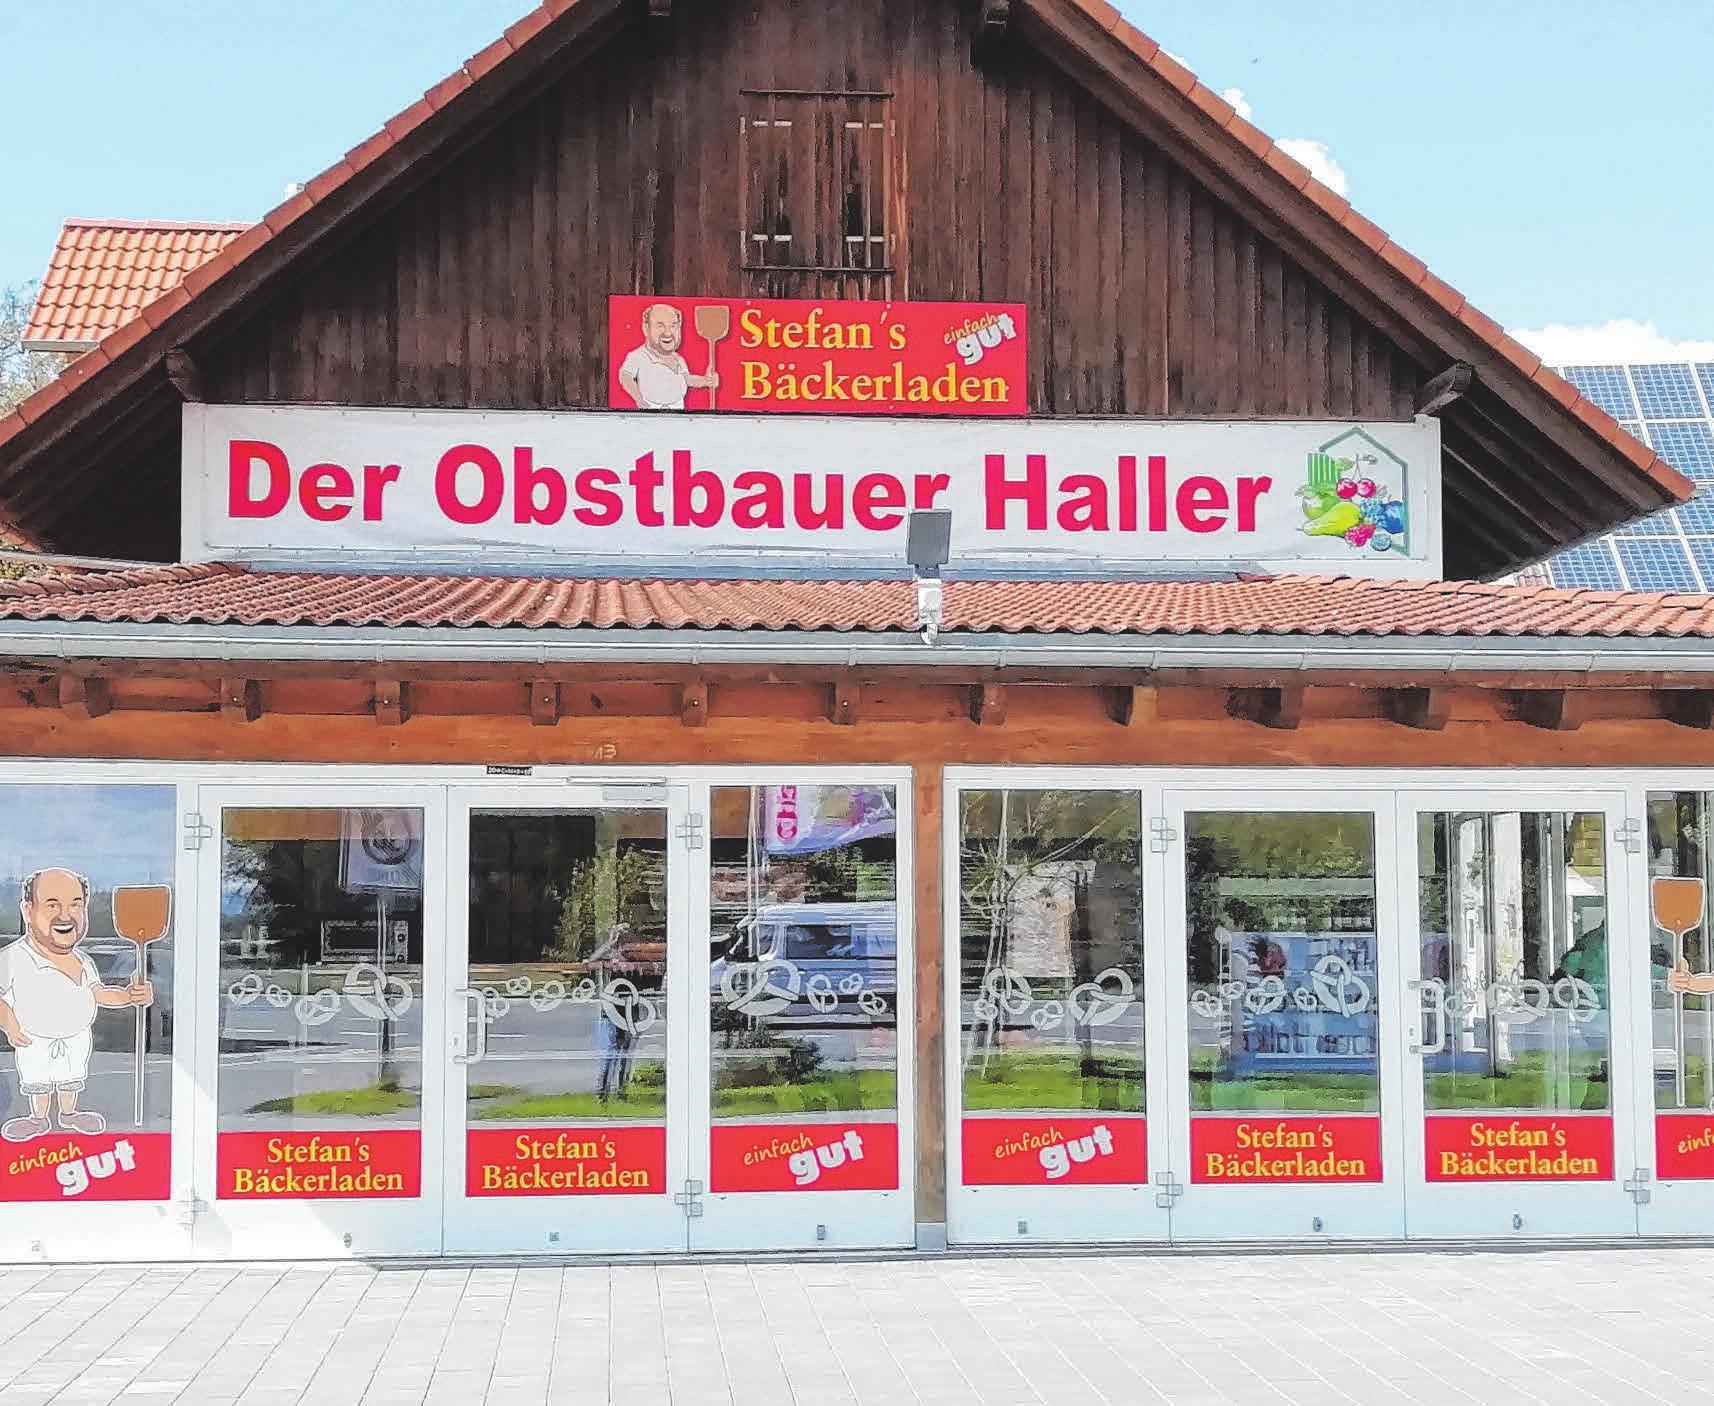 Seit dem 25. Mai gibt es Stefans Bäckerladen als neu eröffnete Filiale beim Obstbauer Haller